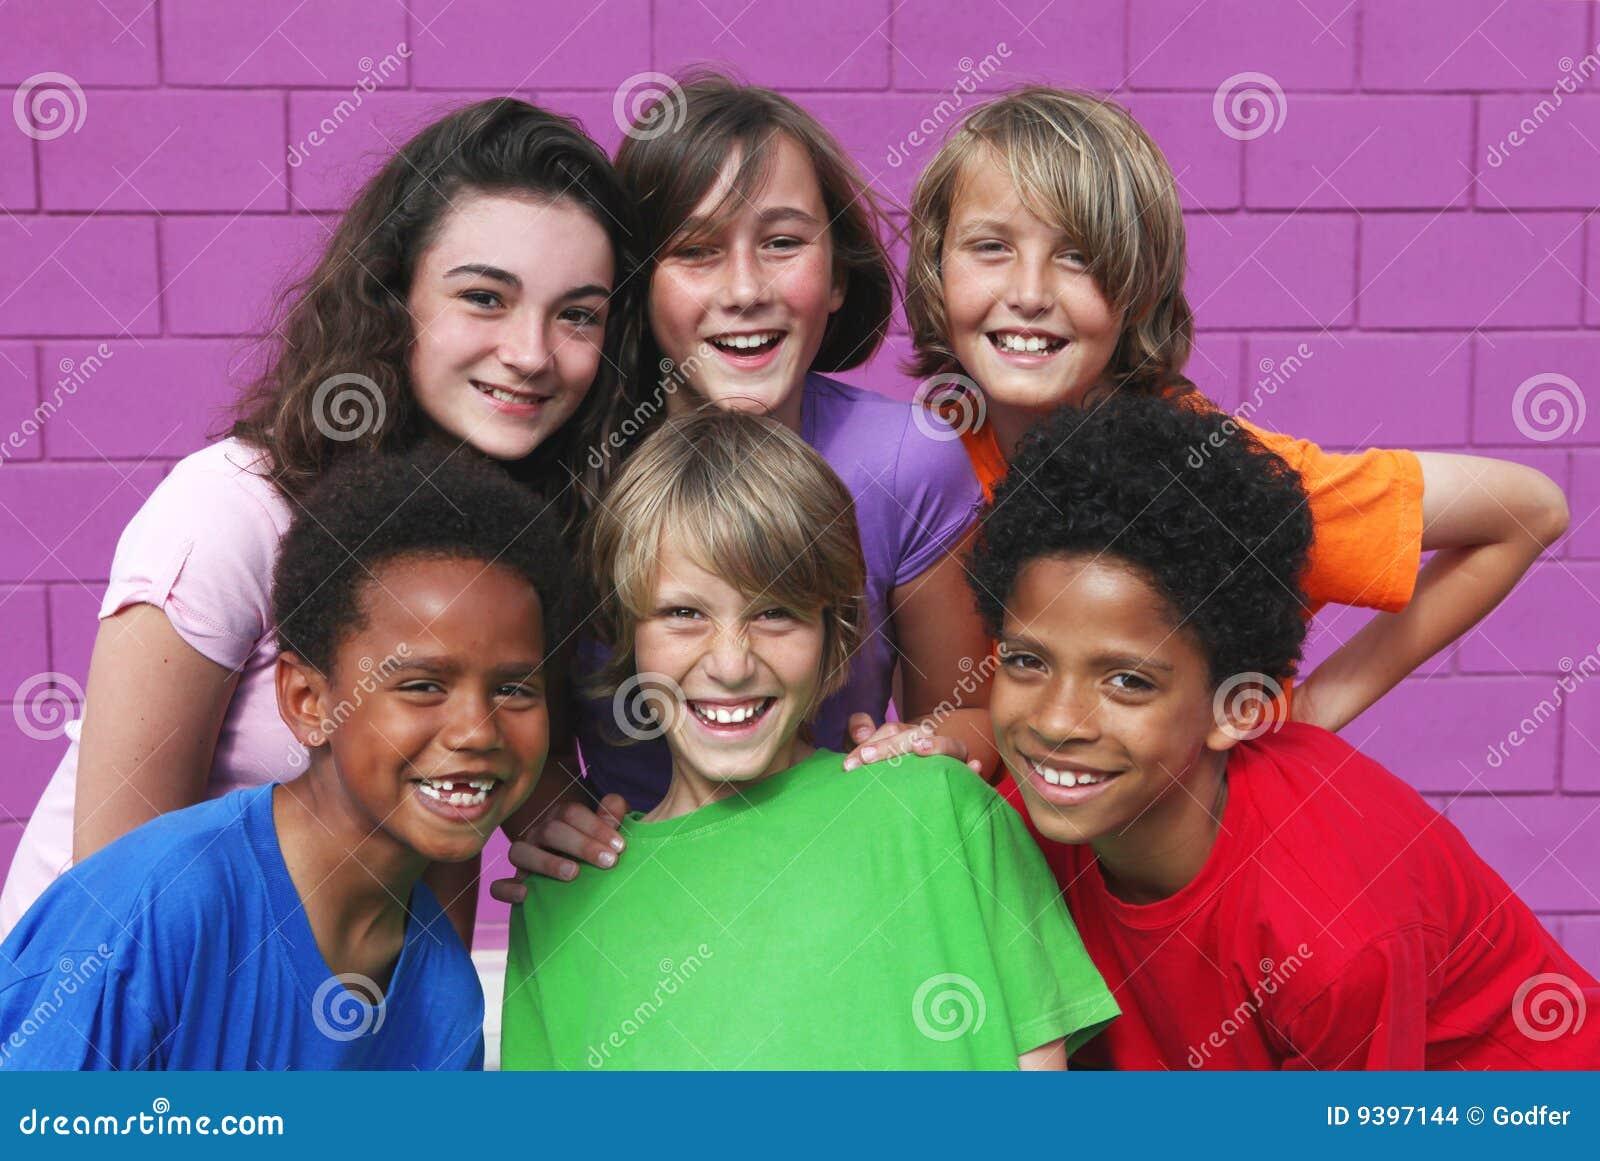 Różnorodni dziecko dzieciaki